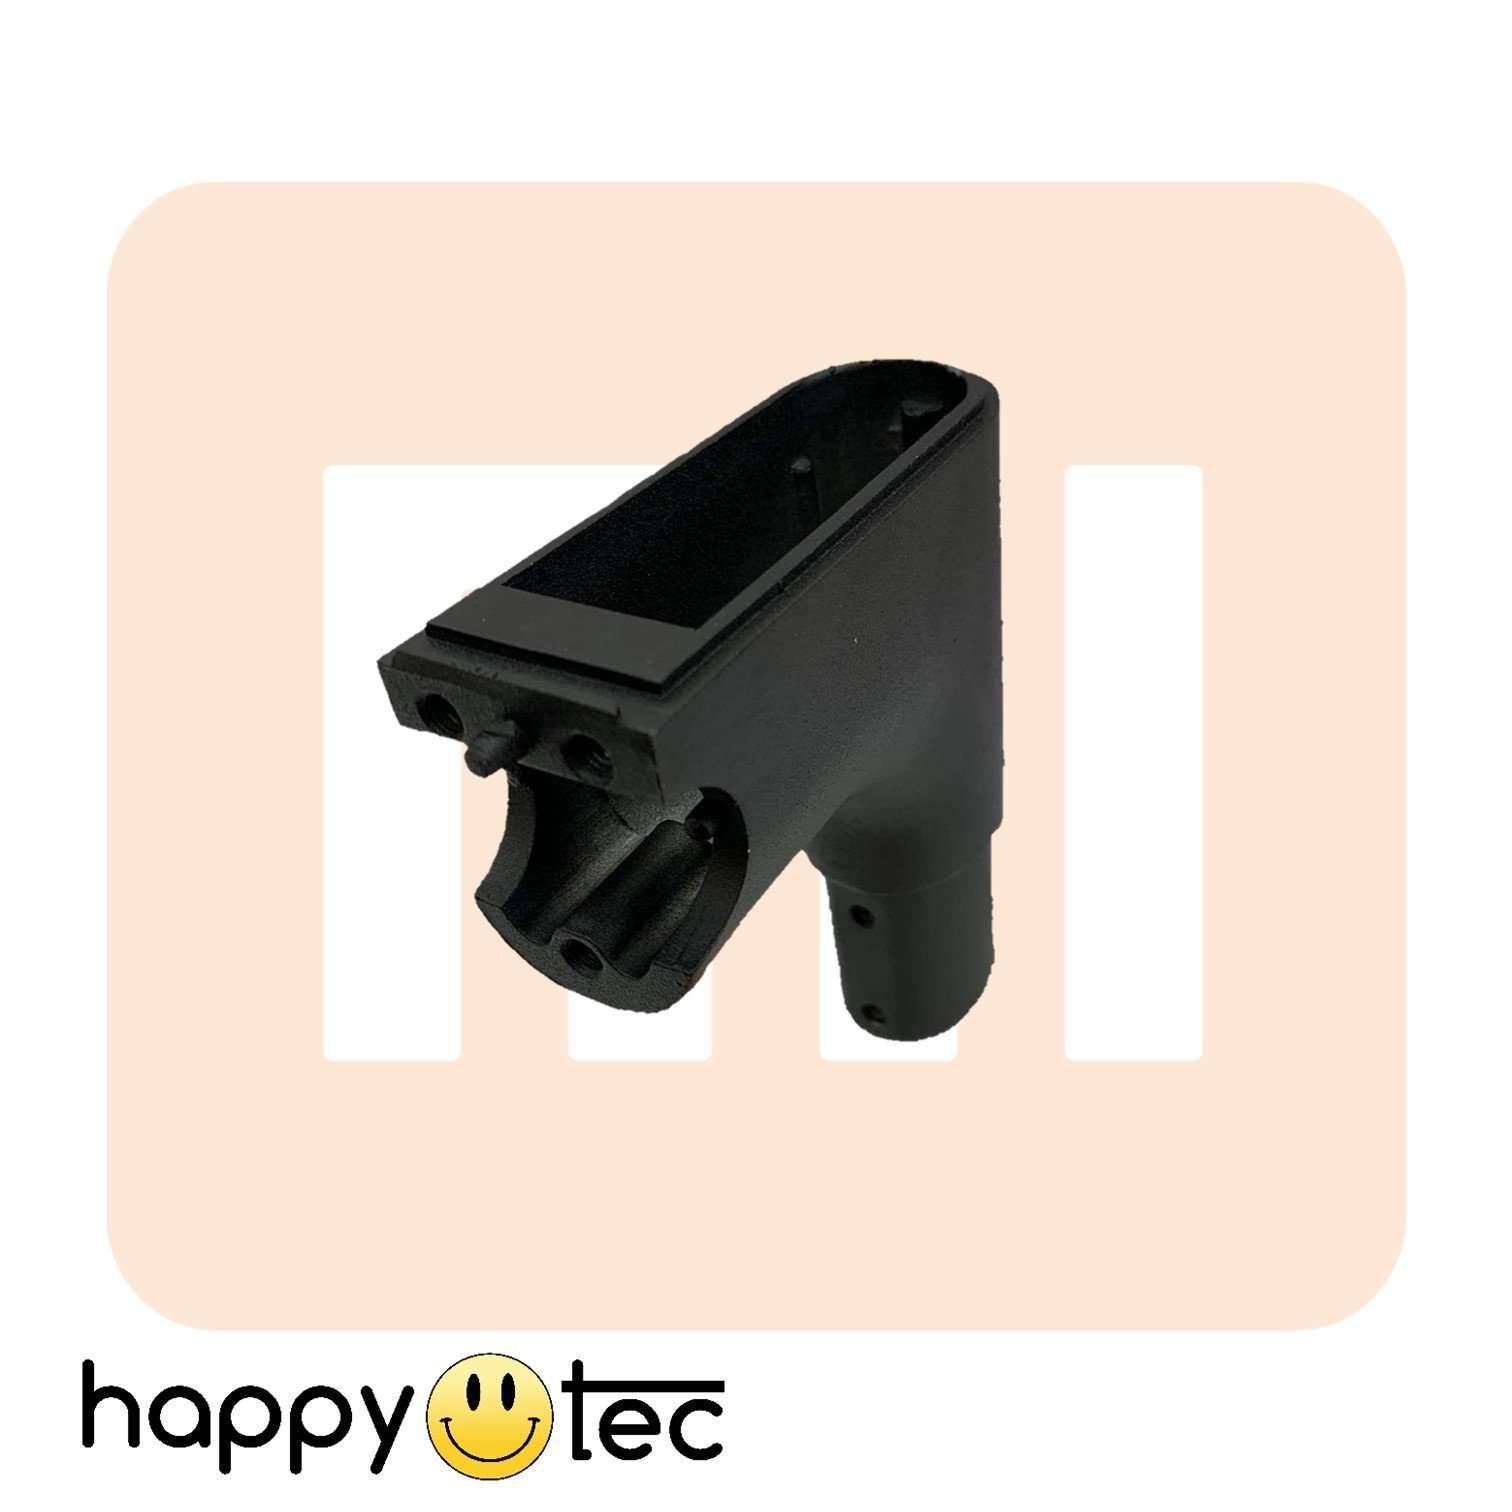 Testa d'oca (supporto manubrio) per monopattini Xiaomi